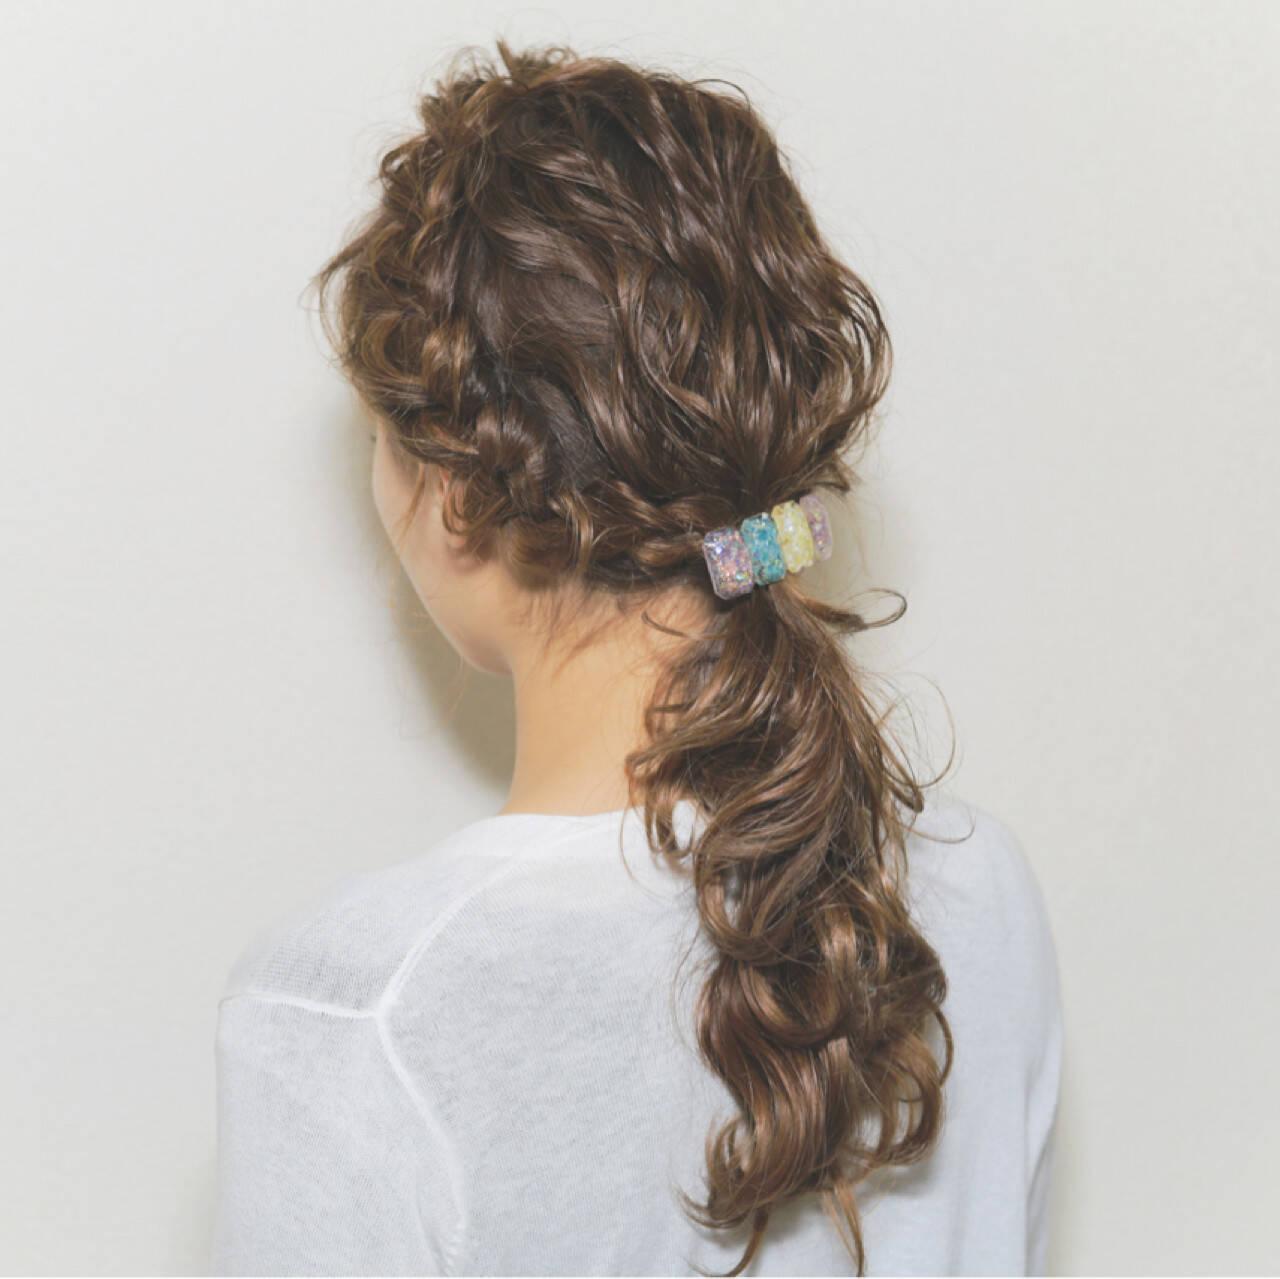 波ウェーブ ヘアアレンジ 愛され モテ髪ヘアスタイルや髪型の写真・画像